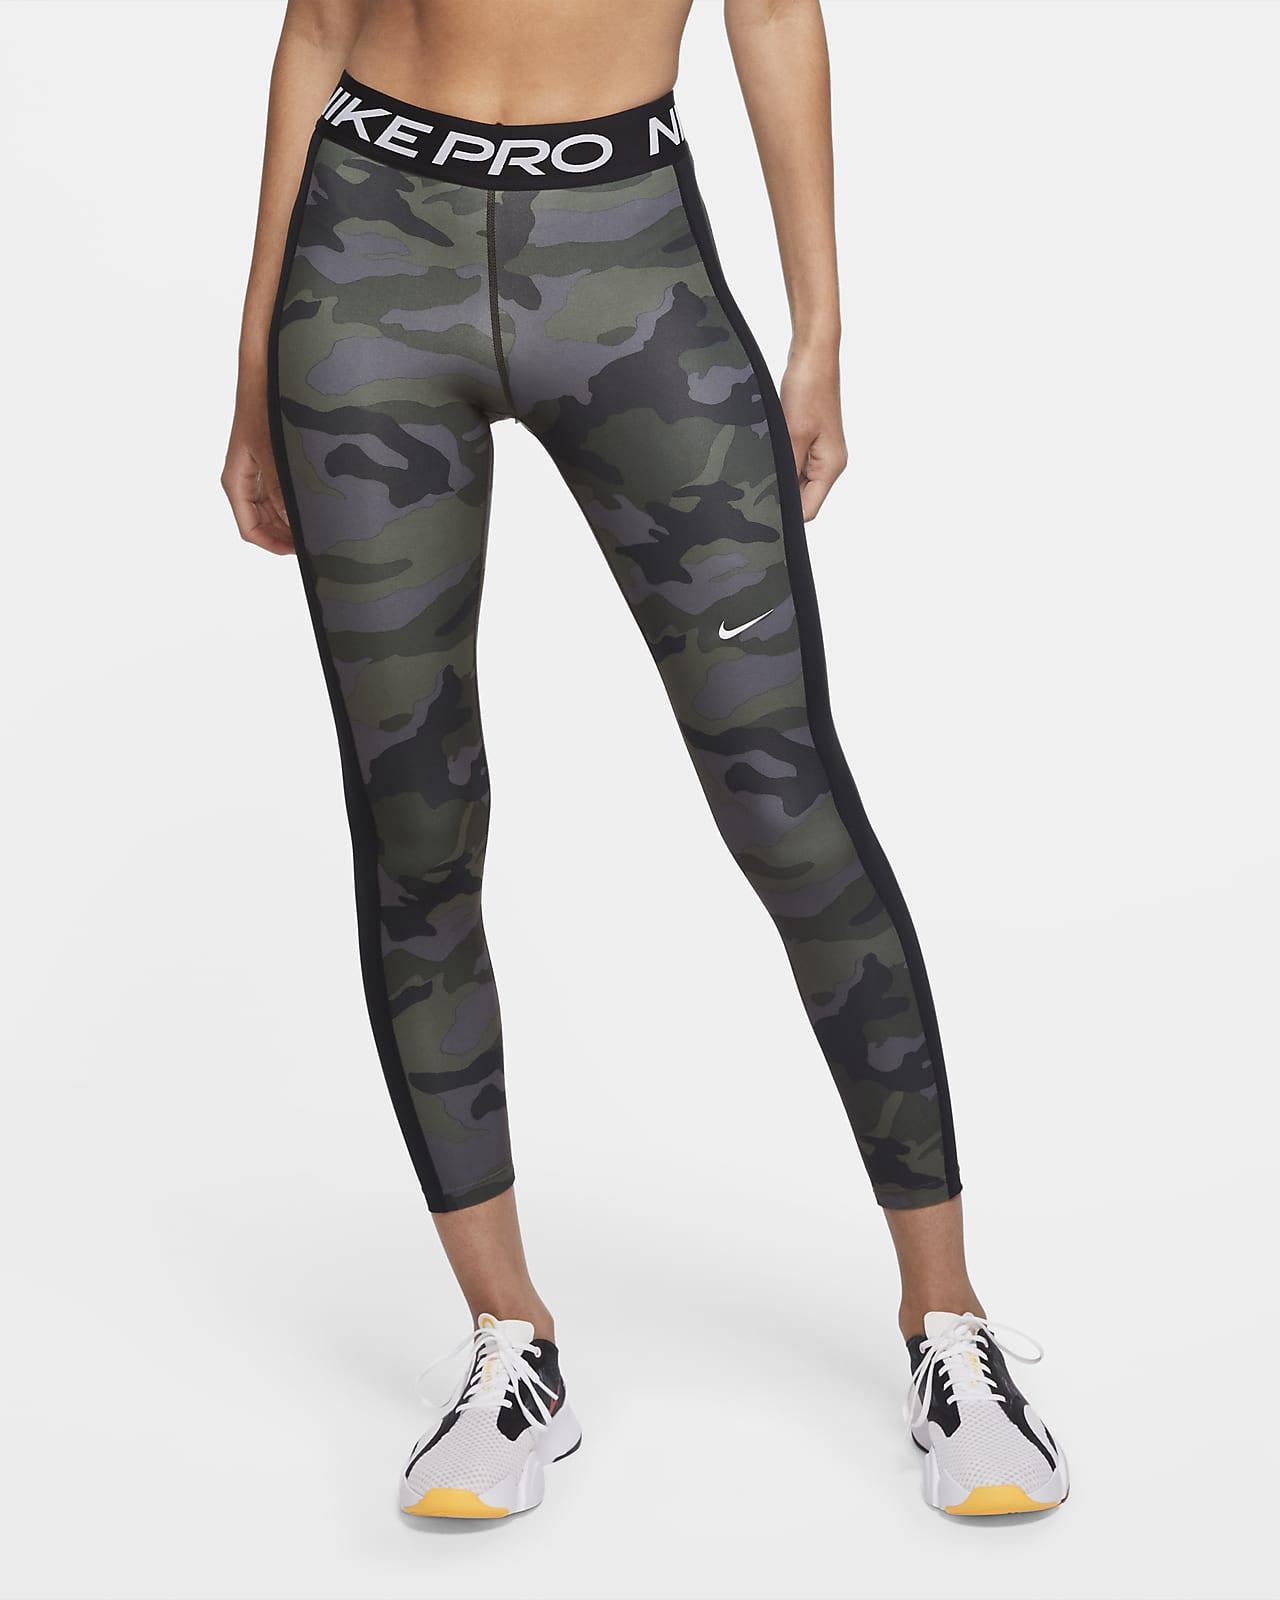 Женские слегка укороченные тайтсы с камуфляжным принтом Nike Pro